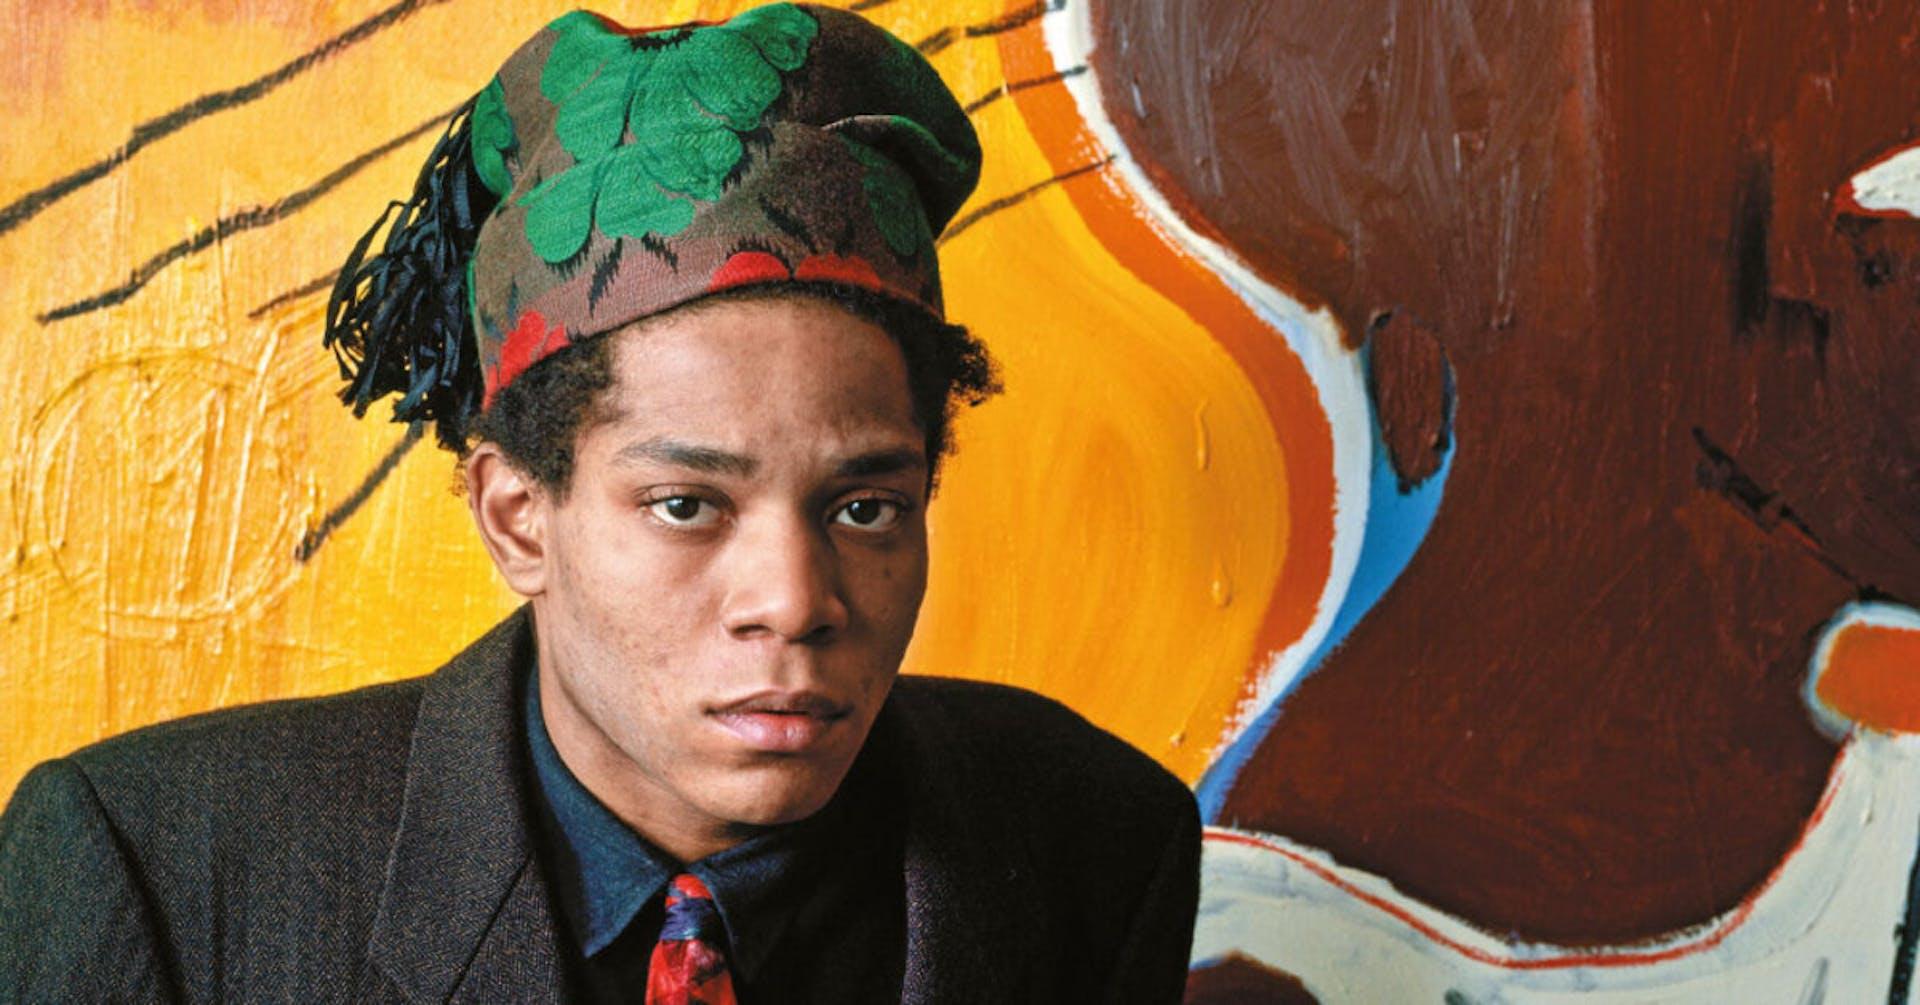 Conoce a Michel Basquiat, el pintor que cambiará tu forma de ver el arte